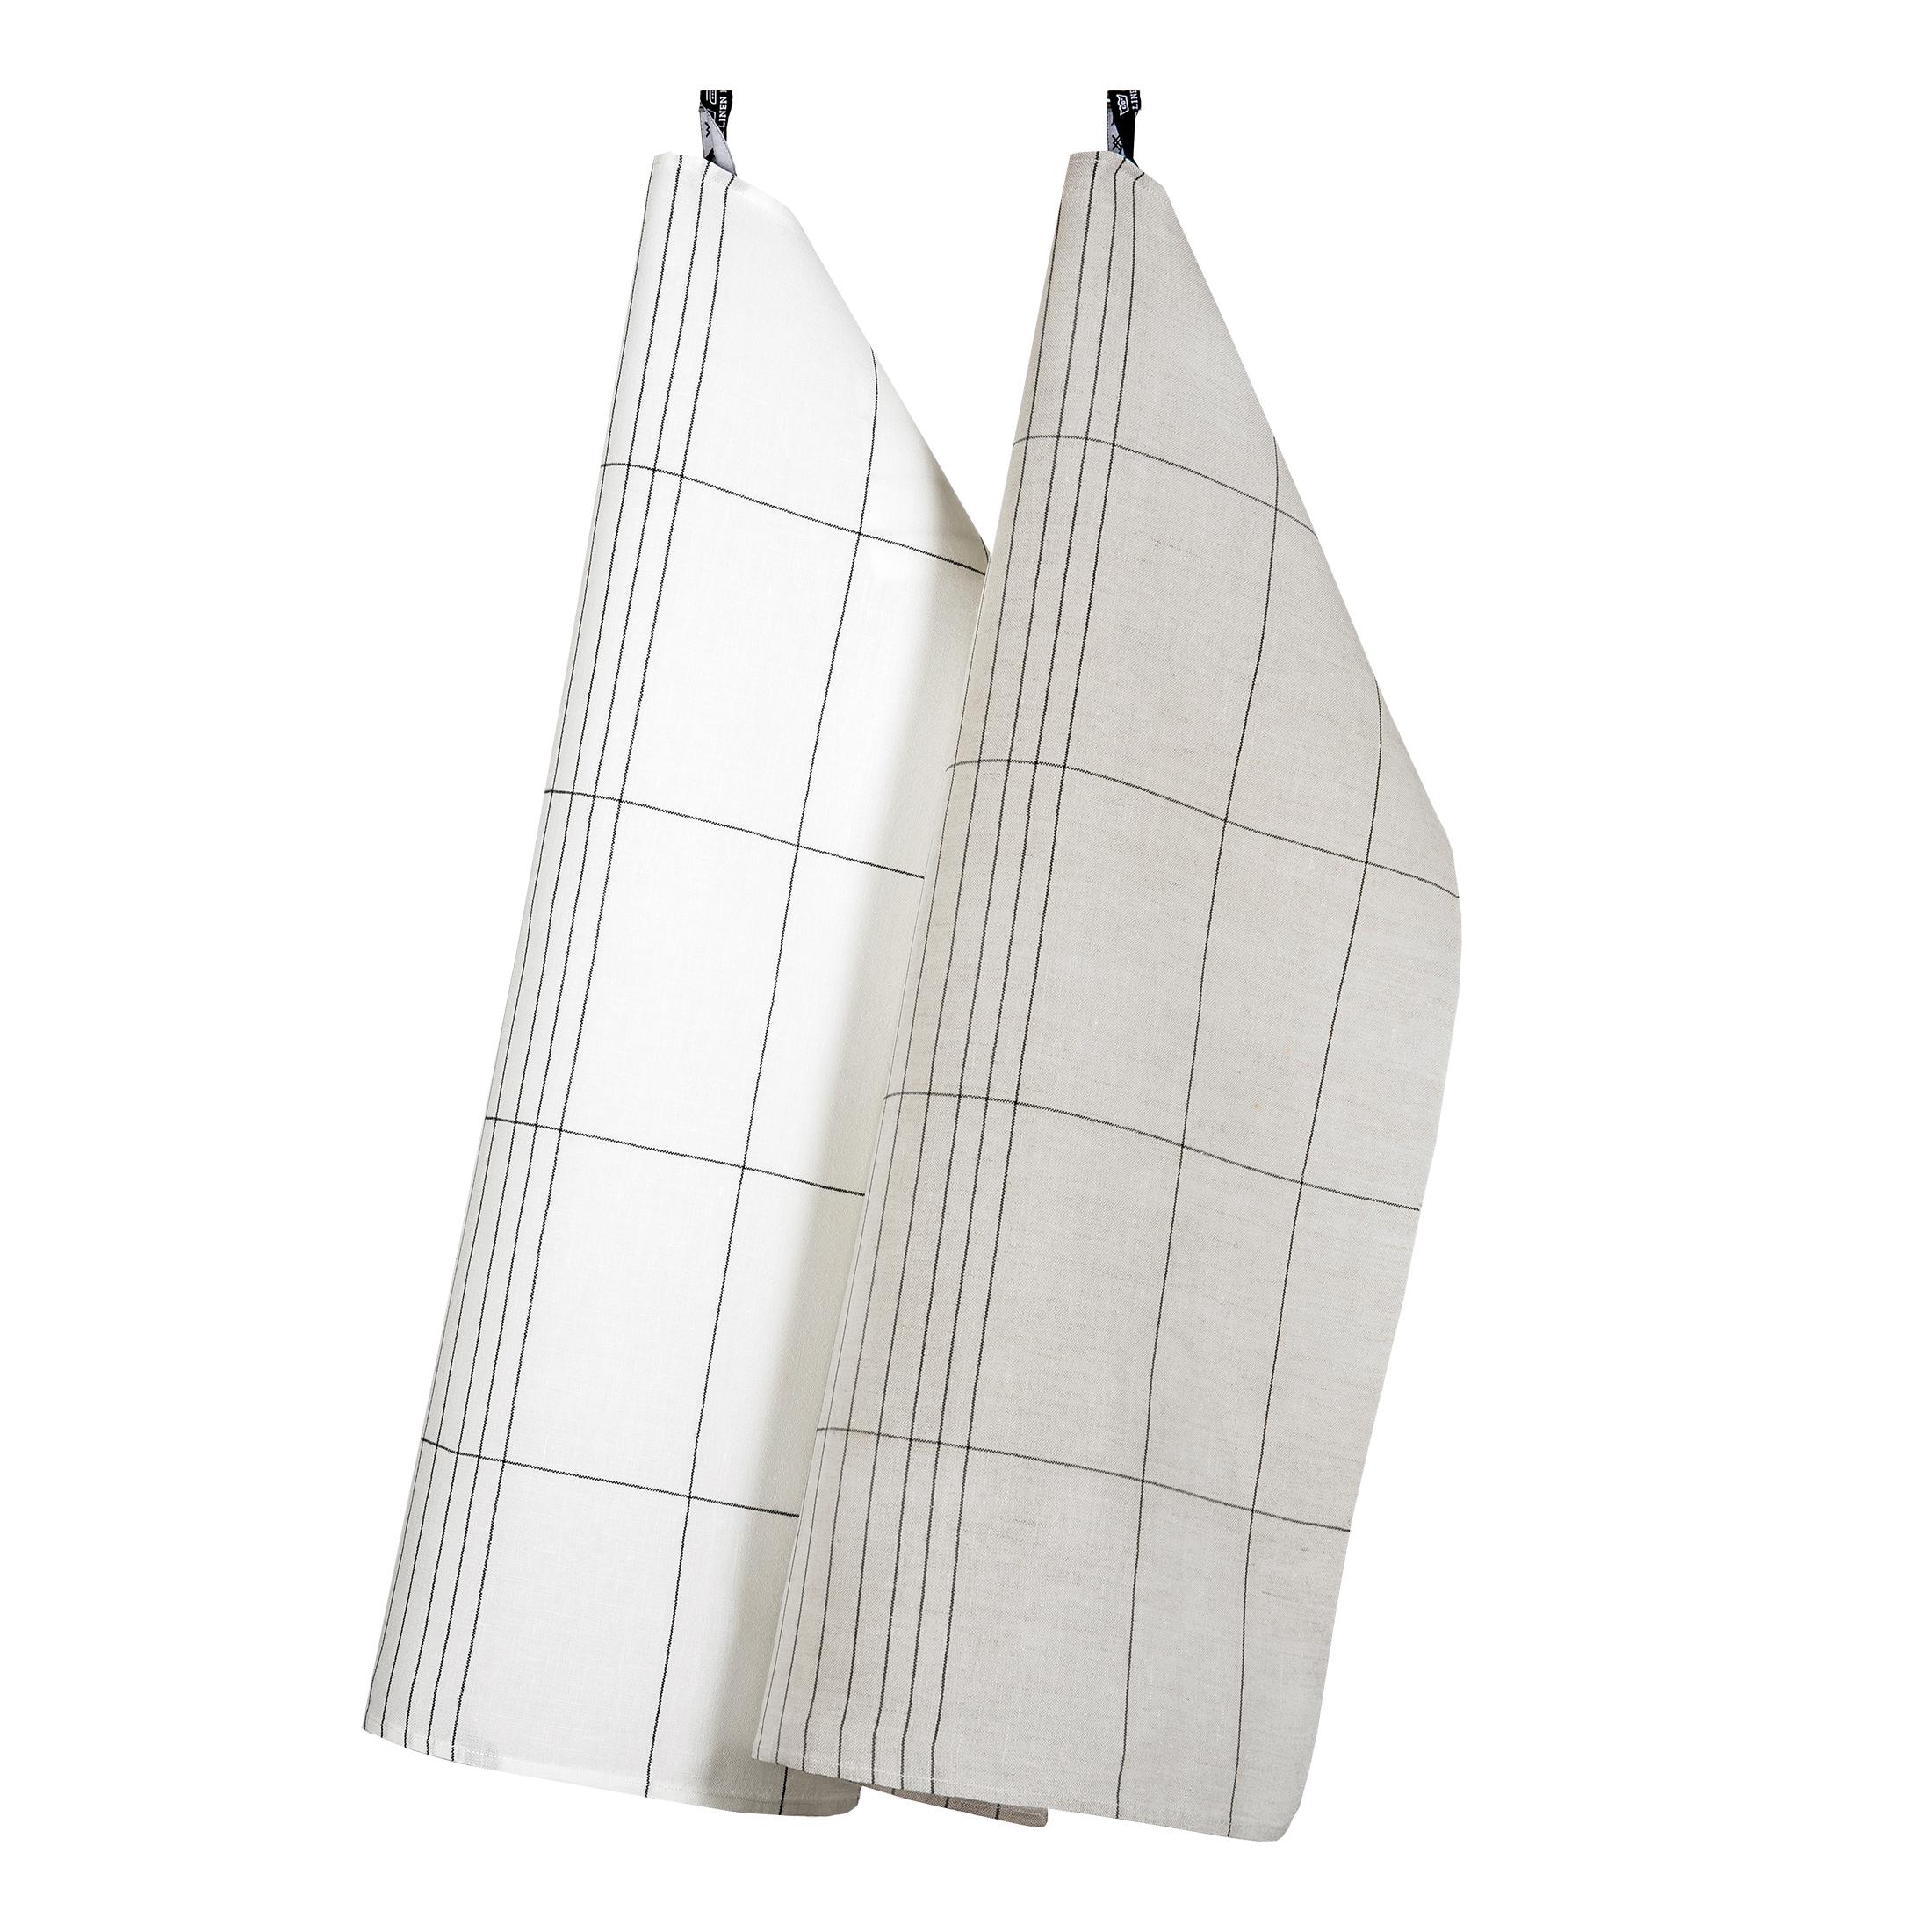 Manhattan handduk hellinne Klässbols Linneväveri Peter Condu vit och oblekt